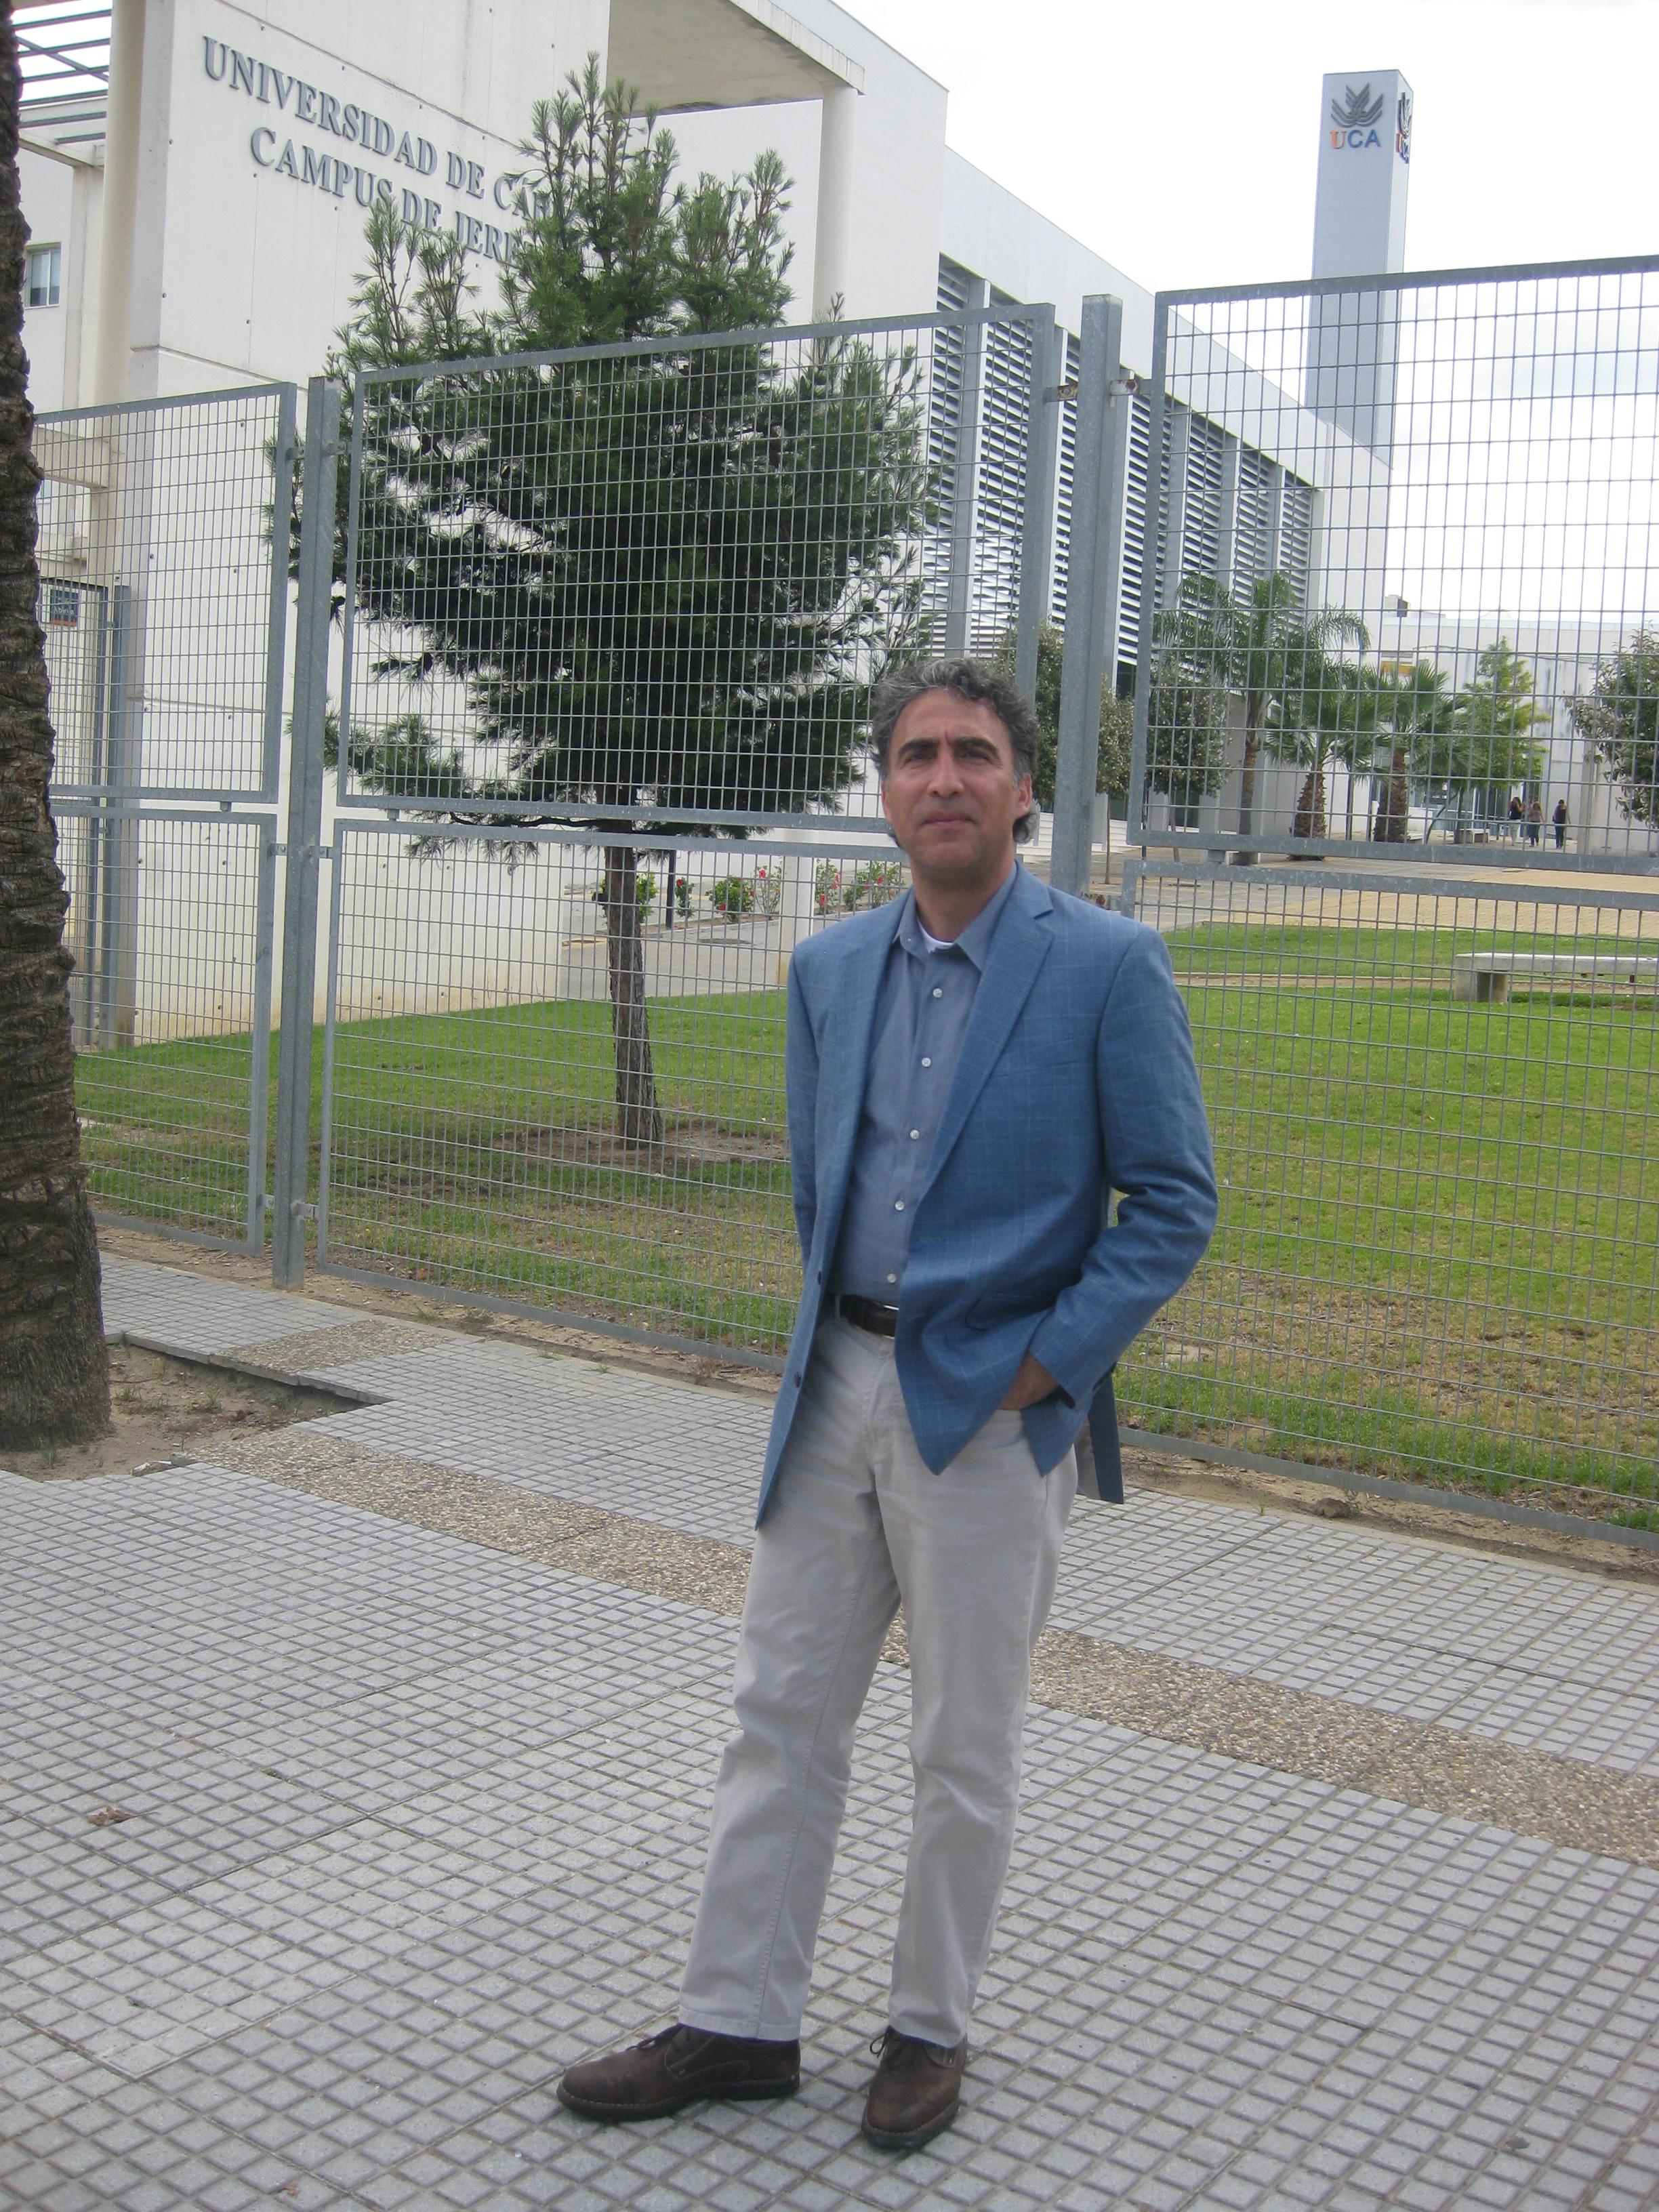 Radsan-en-el-Campus-de-la-Asunción